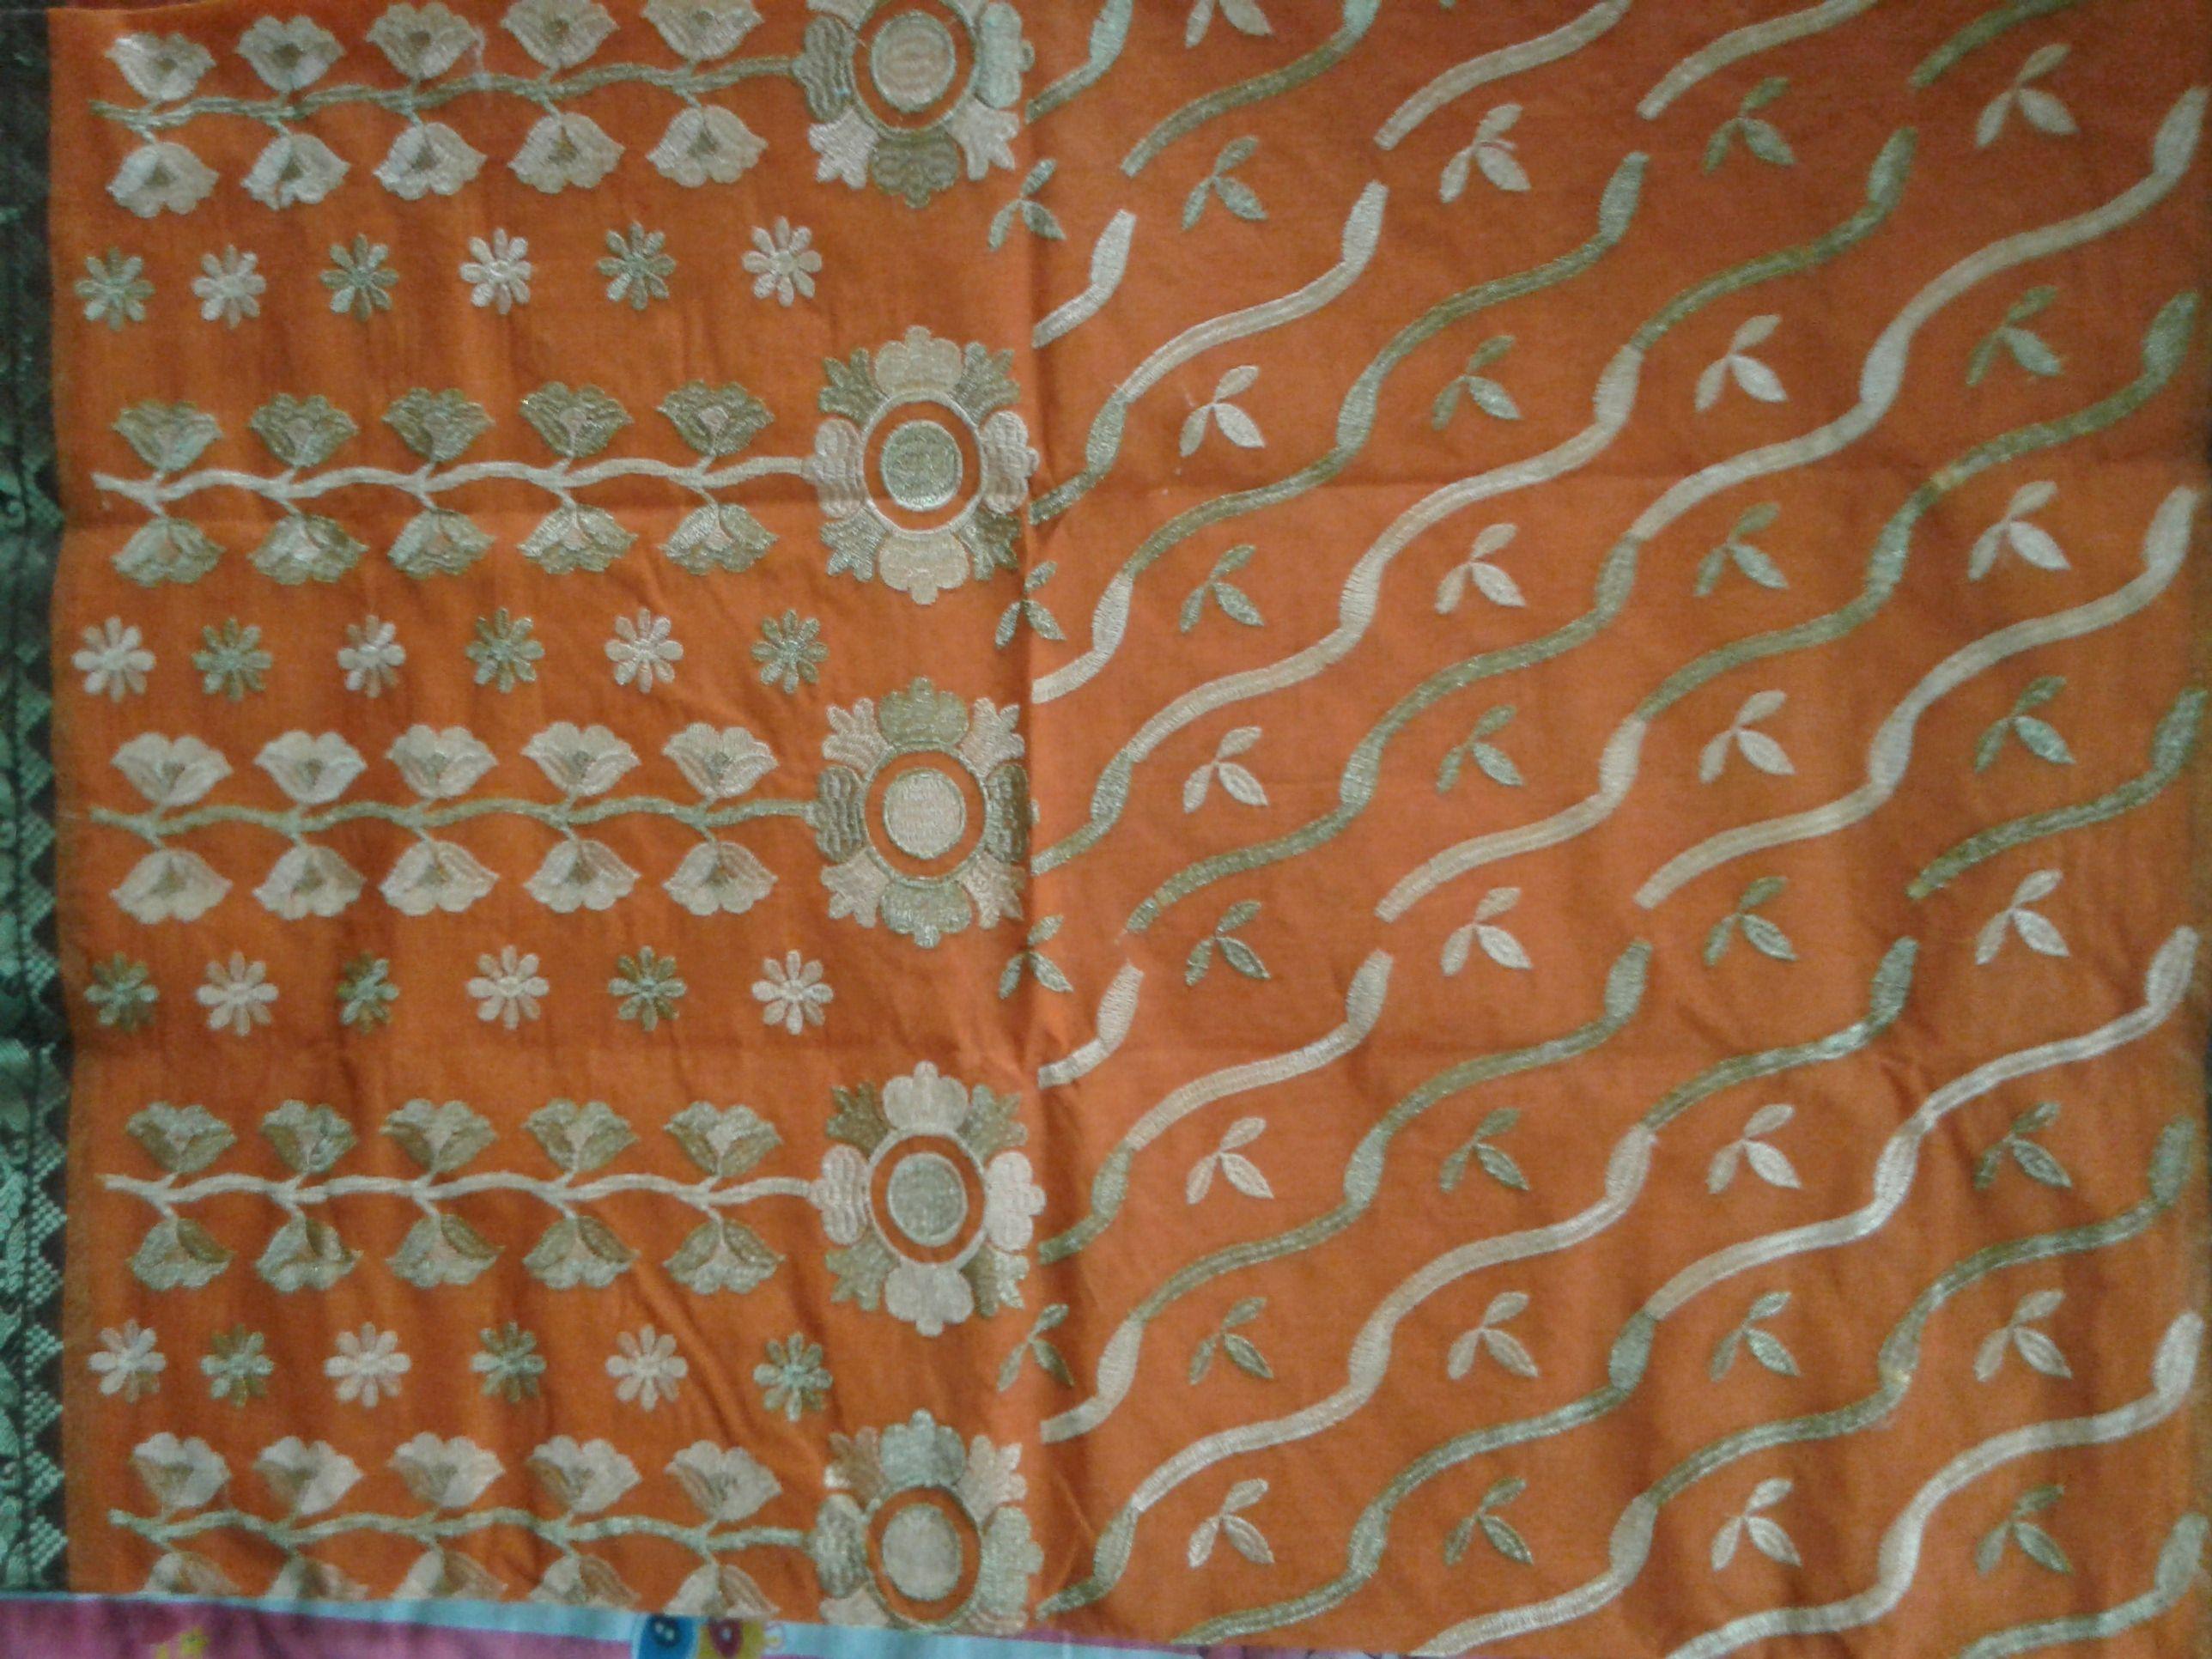 Santipur saree embroidery design saree pinterest saree and embroidery designs santipur saree bankloansurffo Images